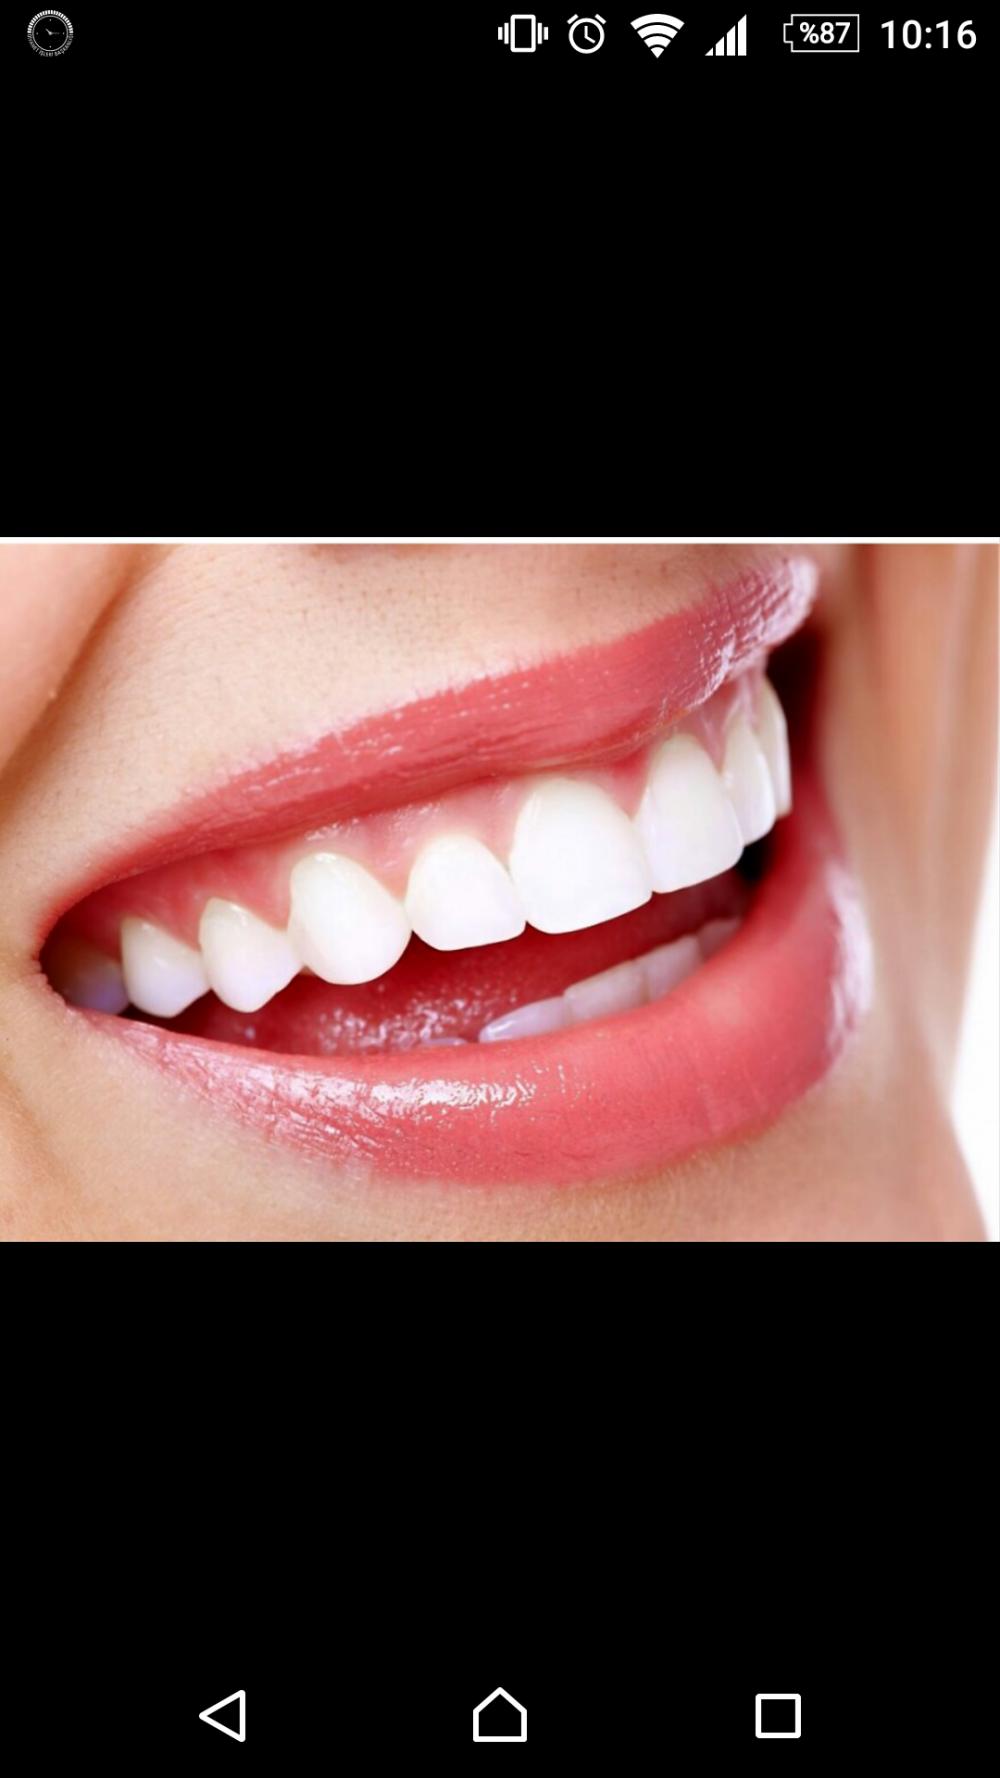 Dişlerinize ne kadar özen gösteriyorsunuz?